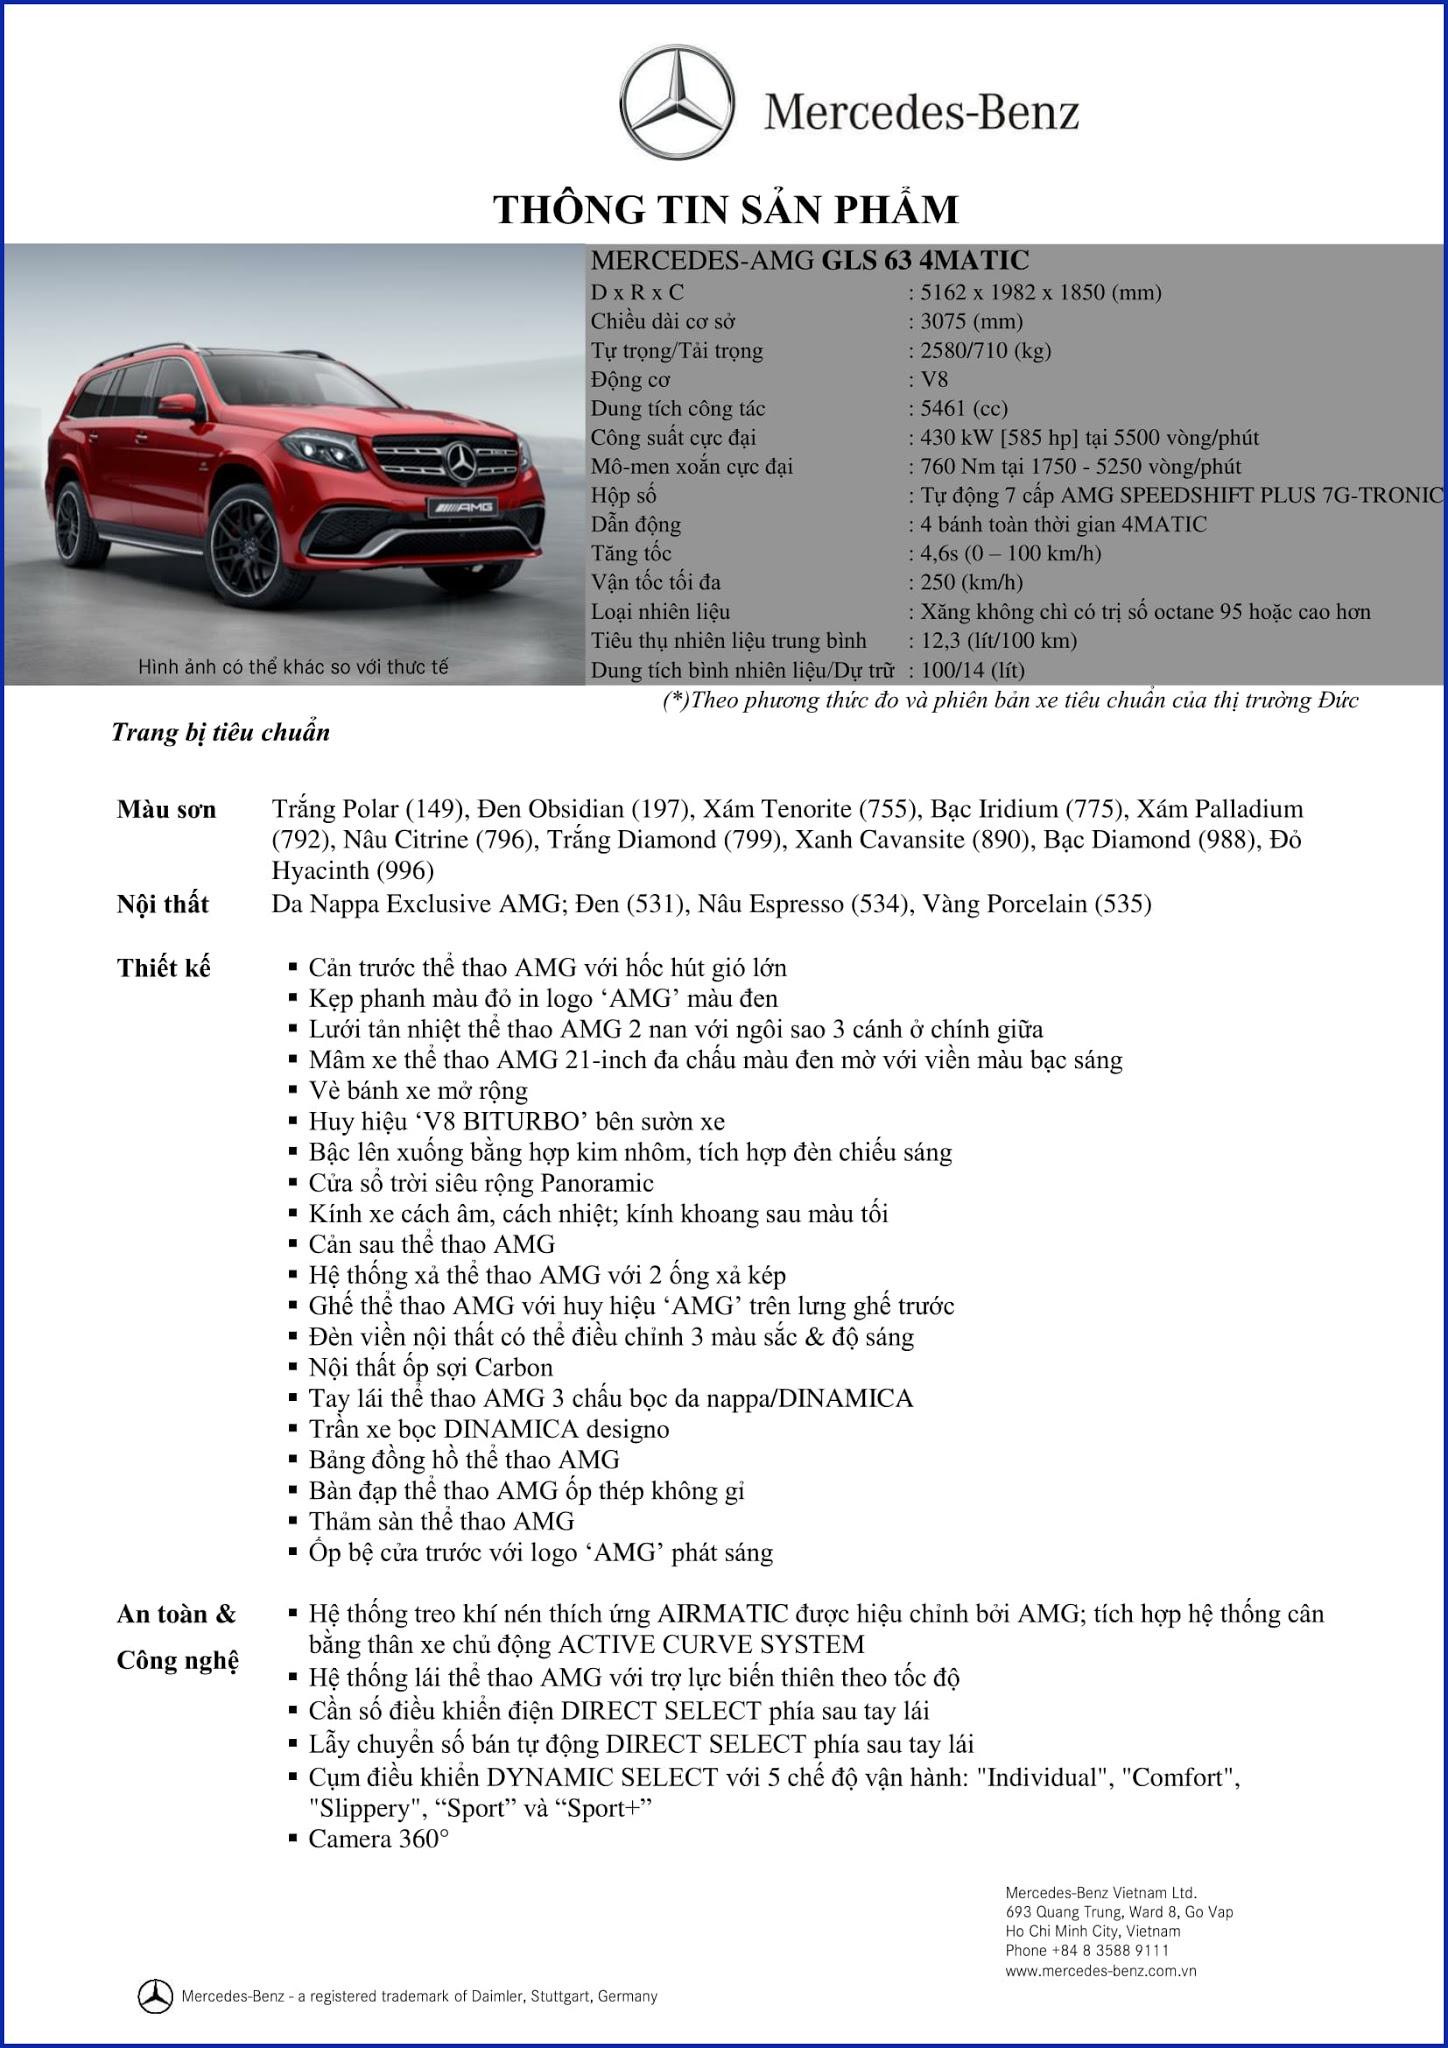 Bảng thông số kỹ thuật Mercedes AMG GLS 63 4MATIC 2019 tại Mercedes Trường Chinh